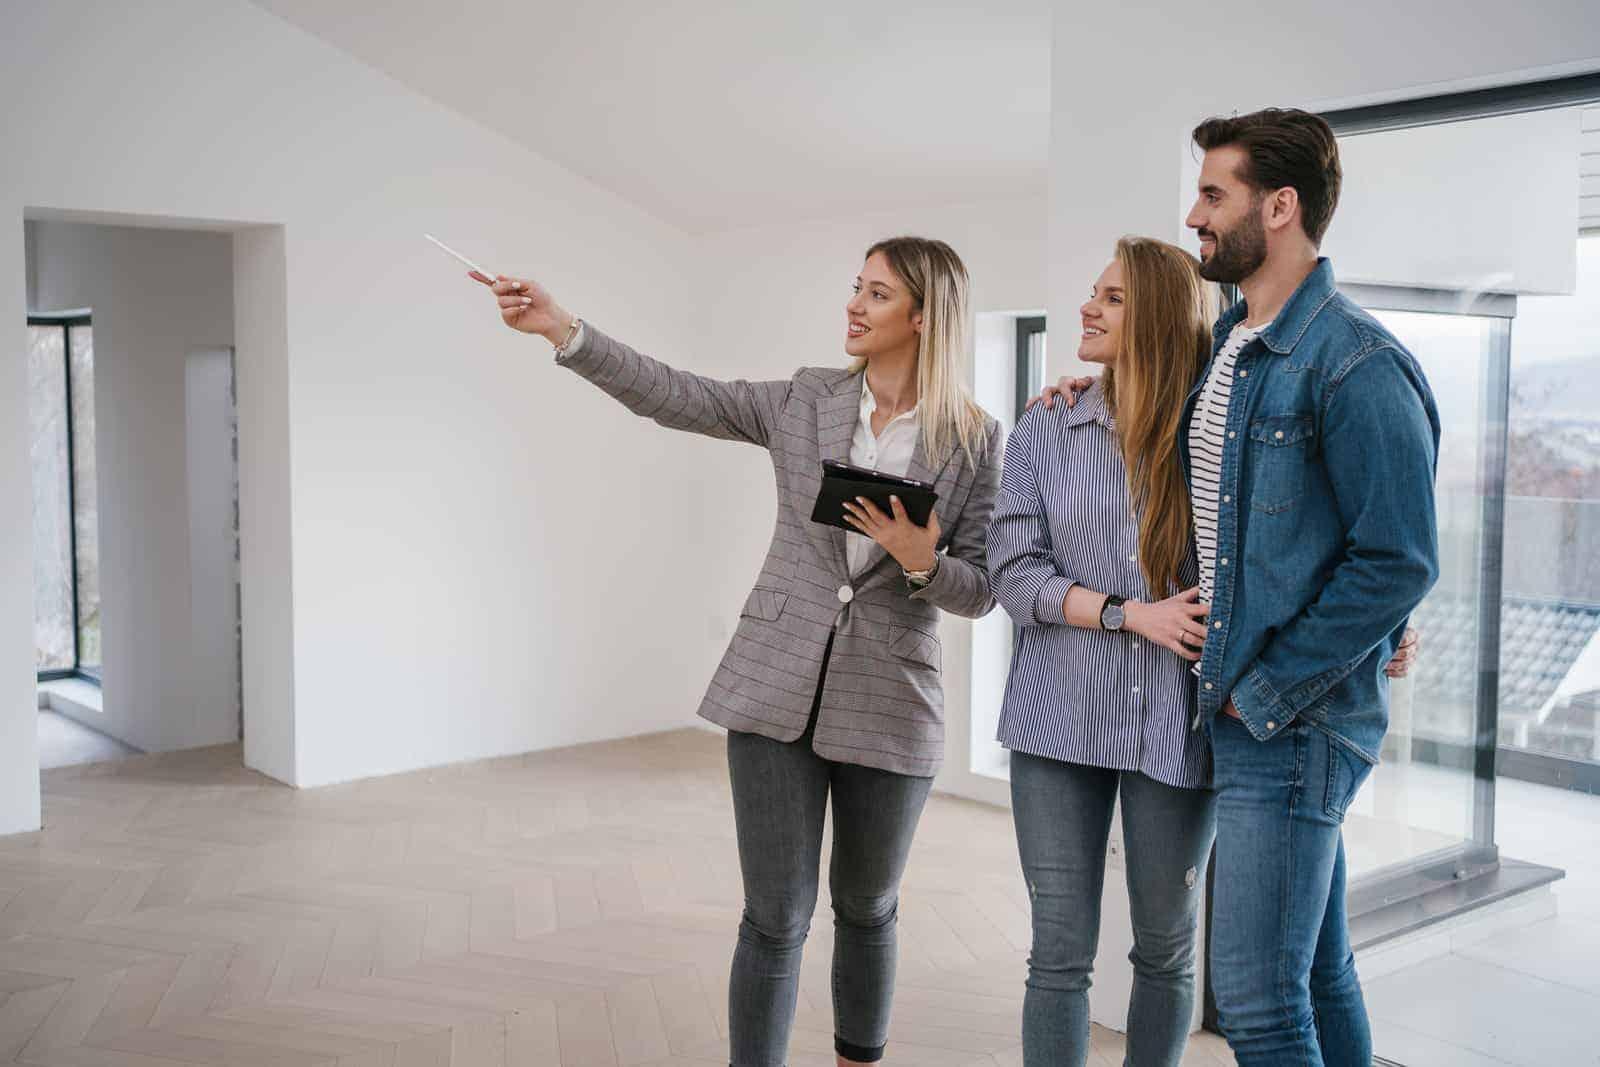 real estate broker showing home